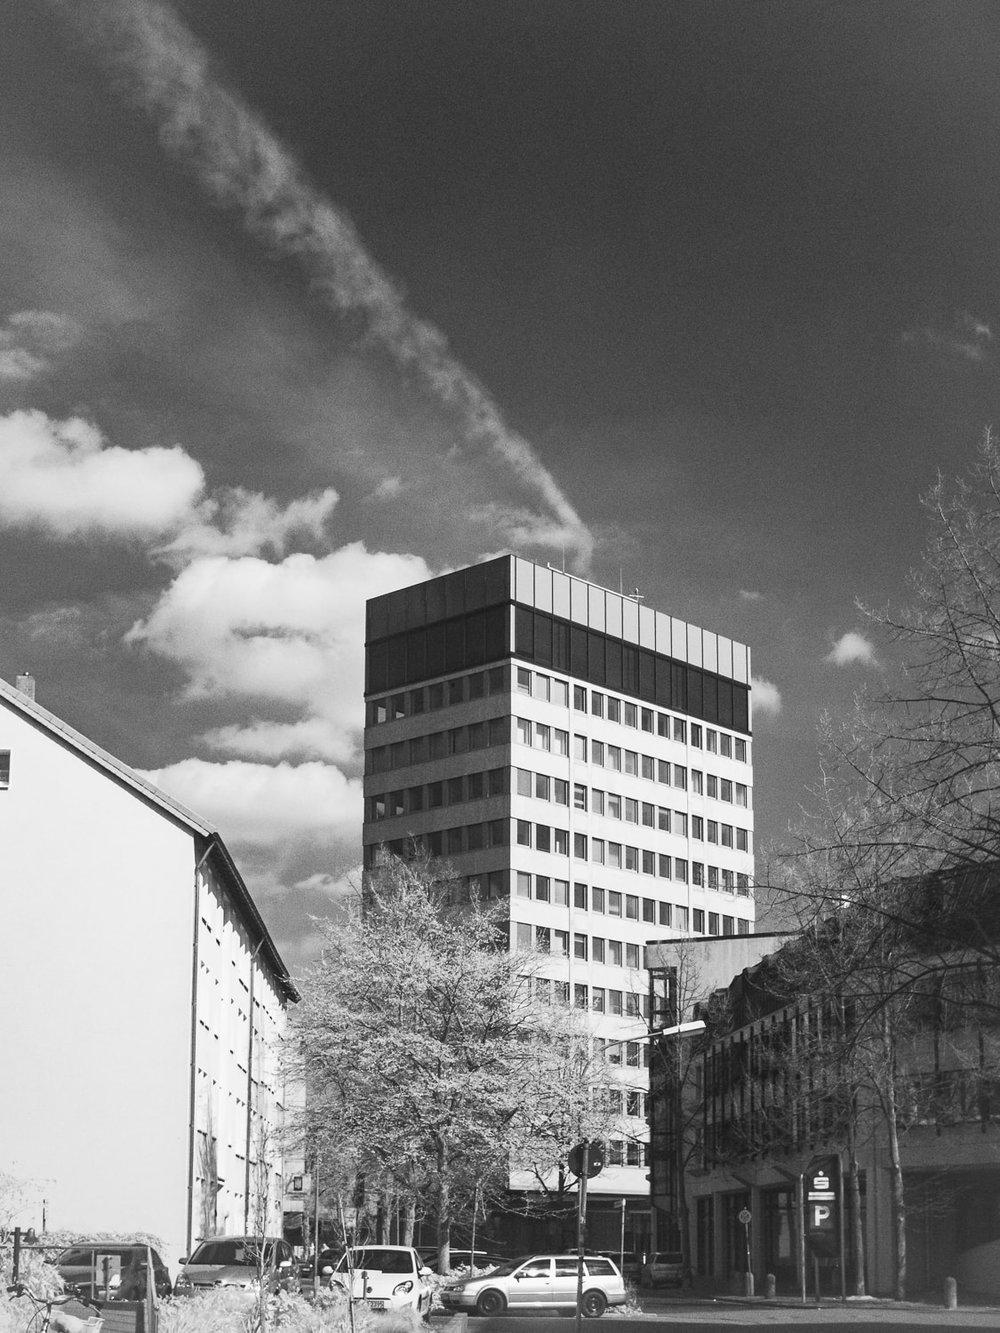 04.10.14.58.23 - IR Osnabrück.jpg